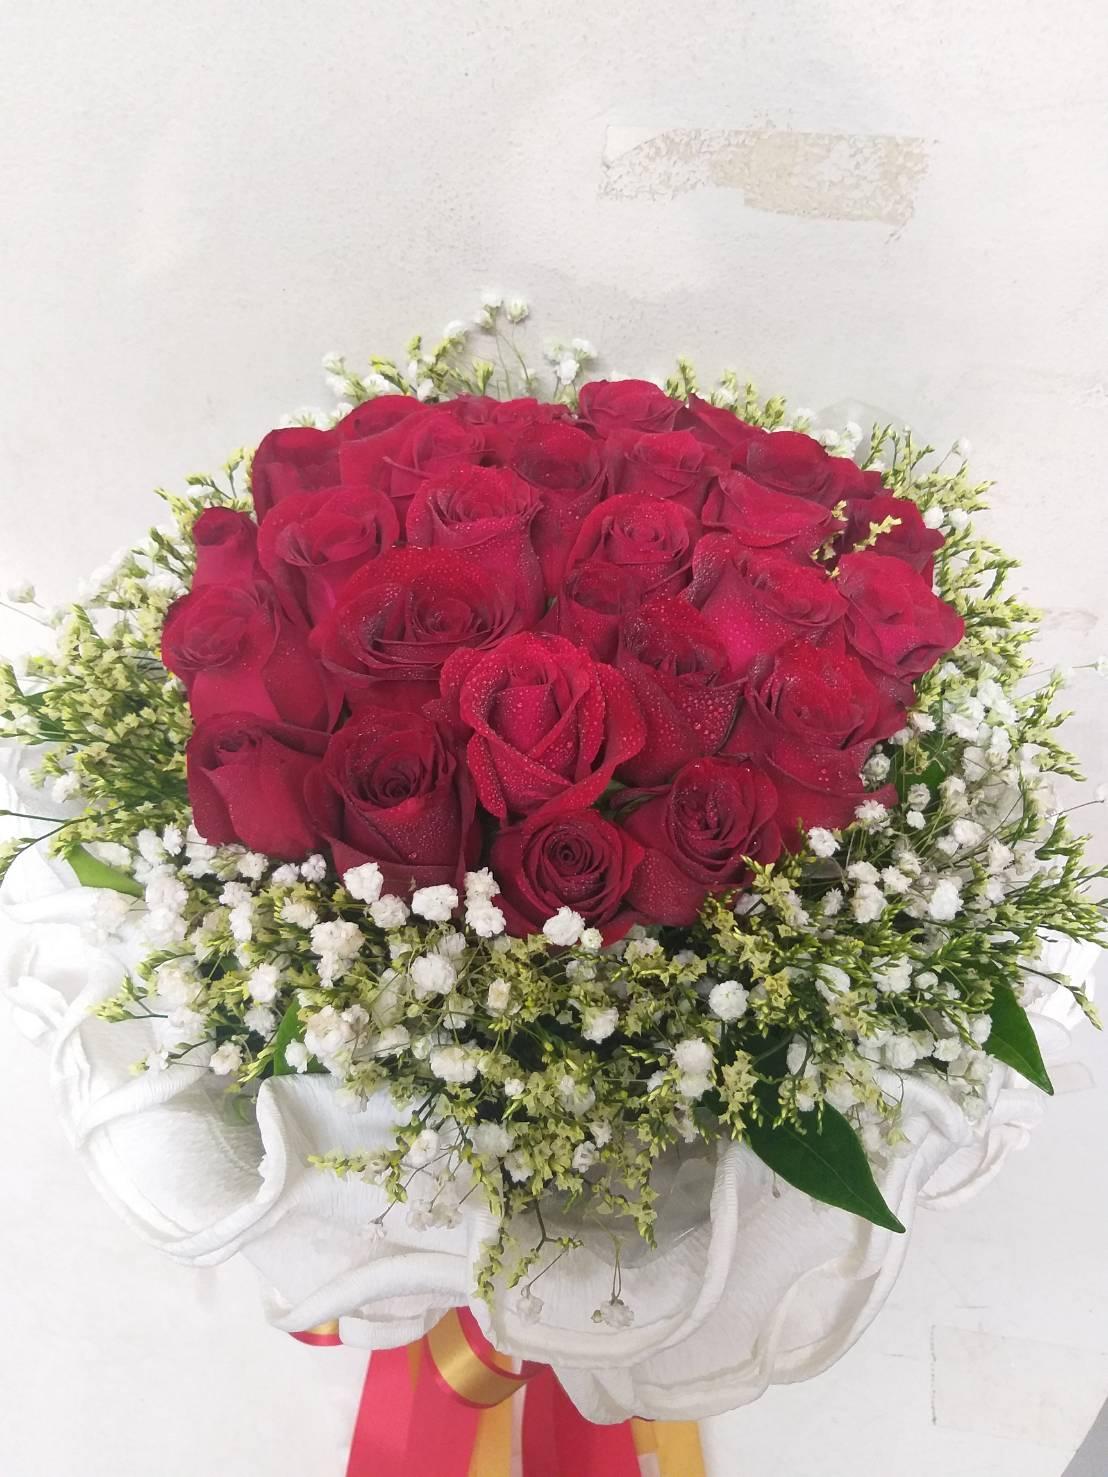 ช่อดอกกุหลาบทรงกลมประกอบด้วยกุหลาบแดงที่สื่อแทนความรักอันโรแมนติก